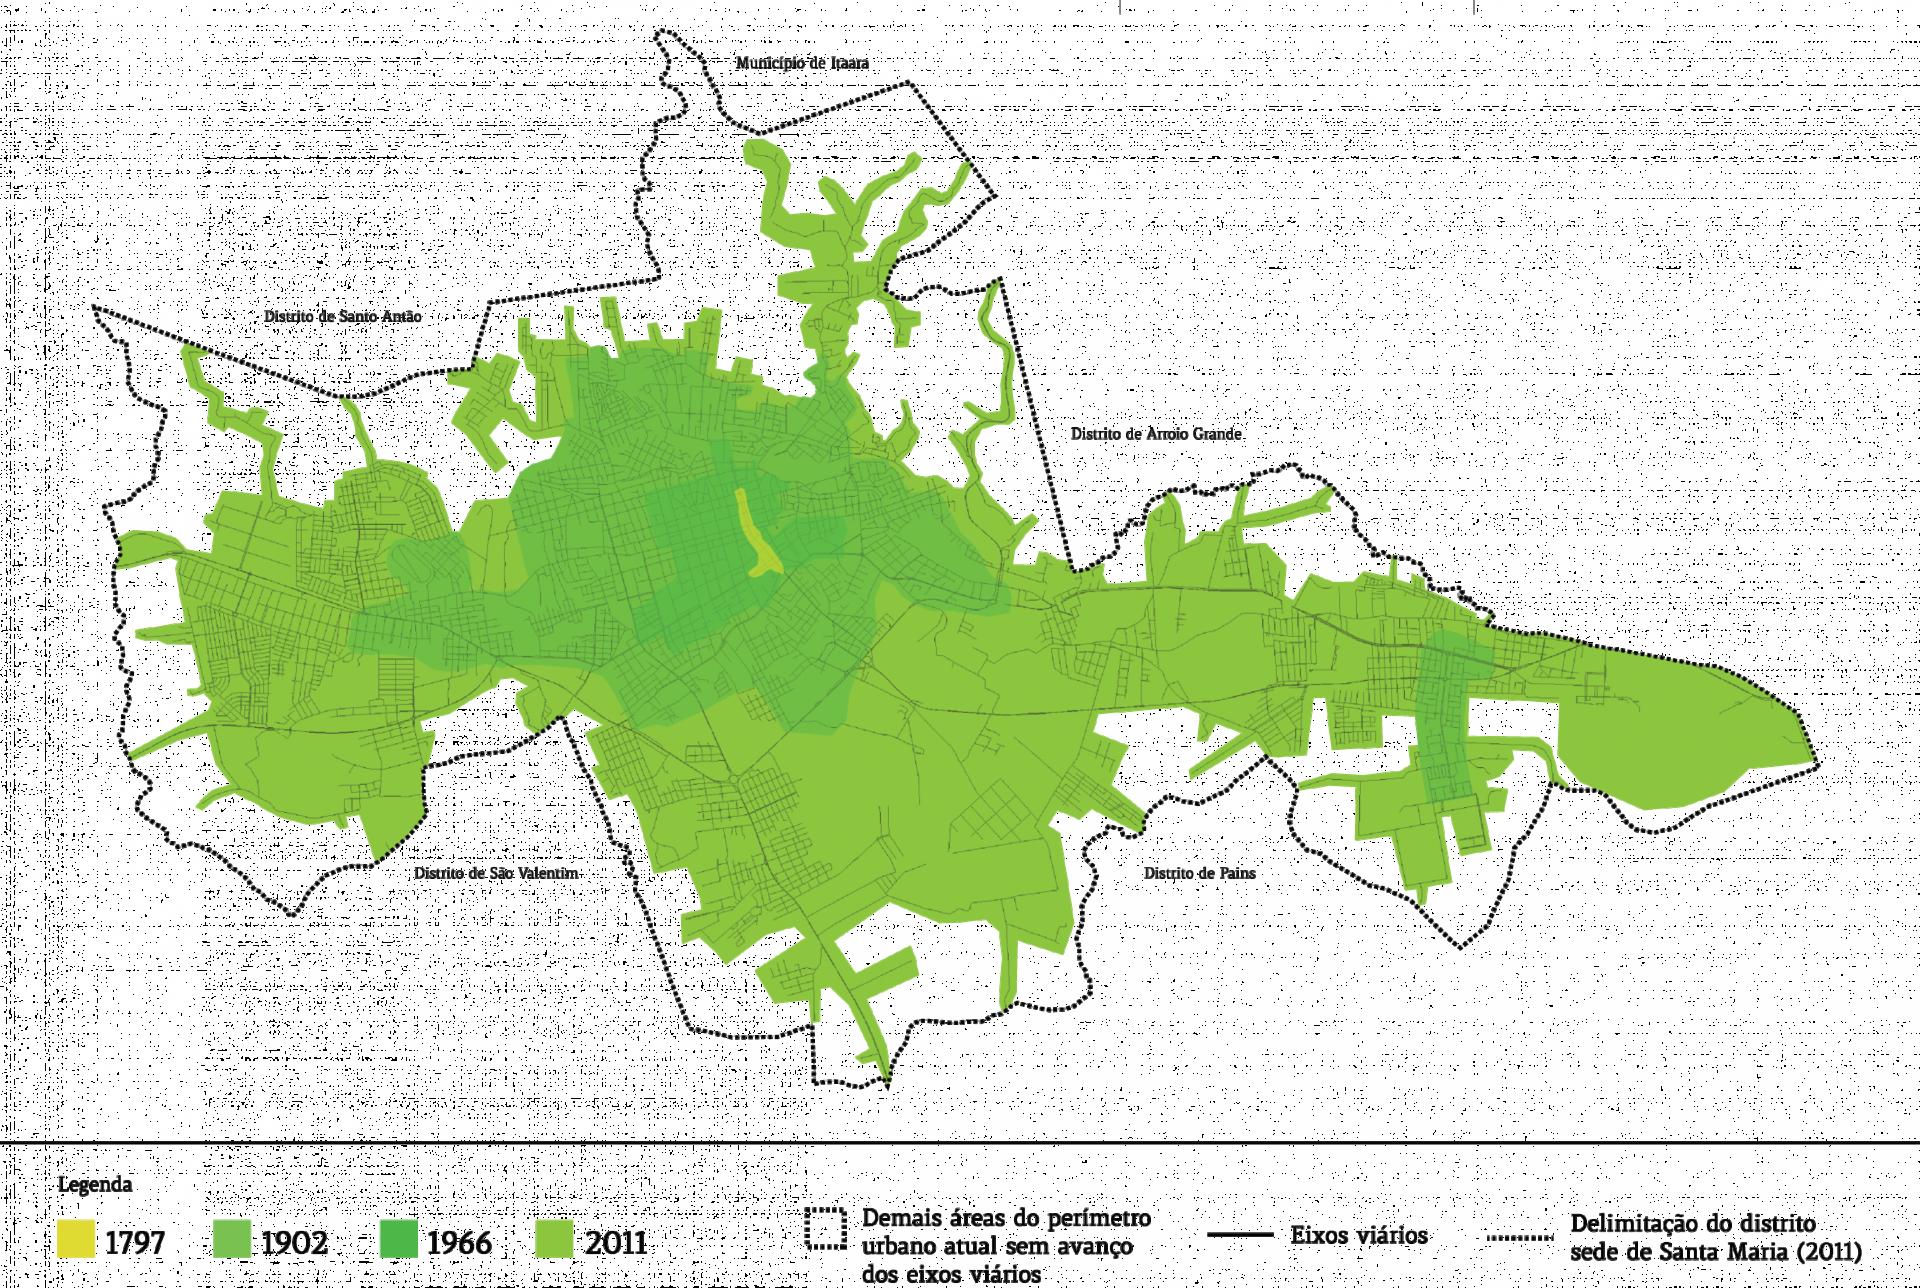 Projeção de crescimento da área urbana de Santa Maria. O mapa foi elaborado pelo pesquisador Daniel Borini Alves.